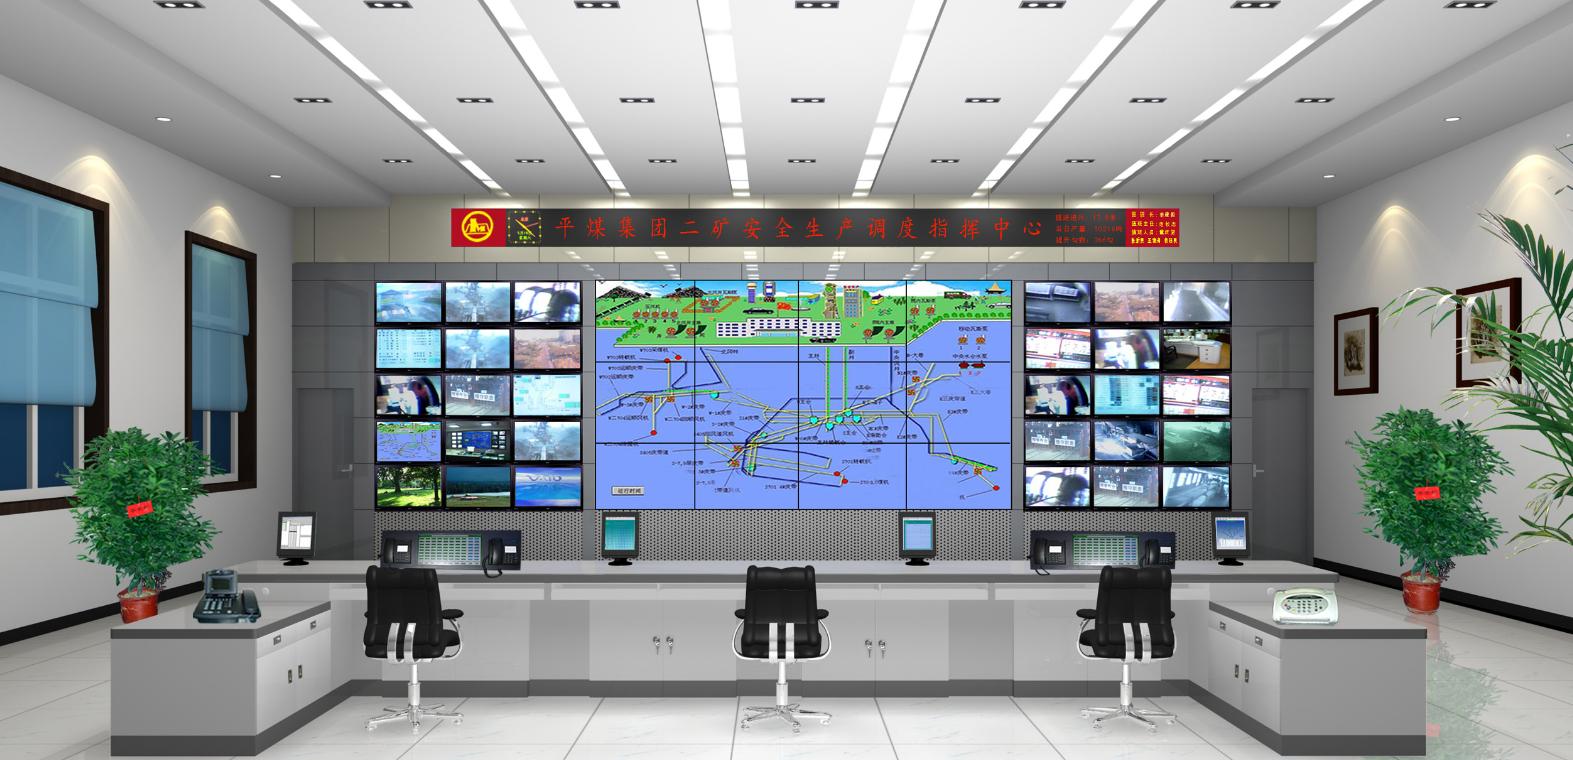 平煤股份二矿多媒体调度监控指挥系统